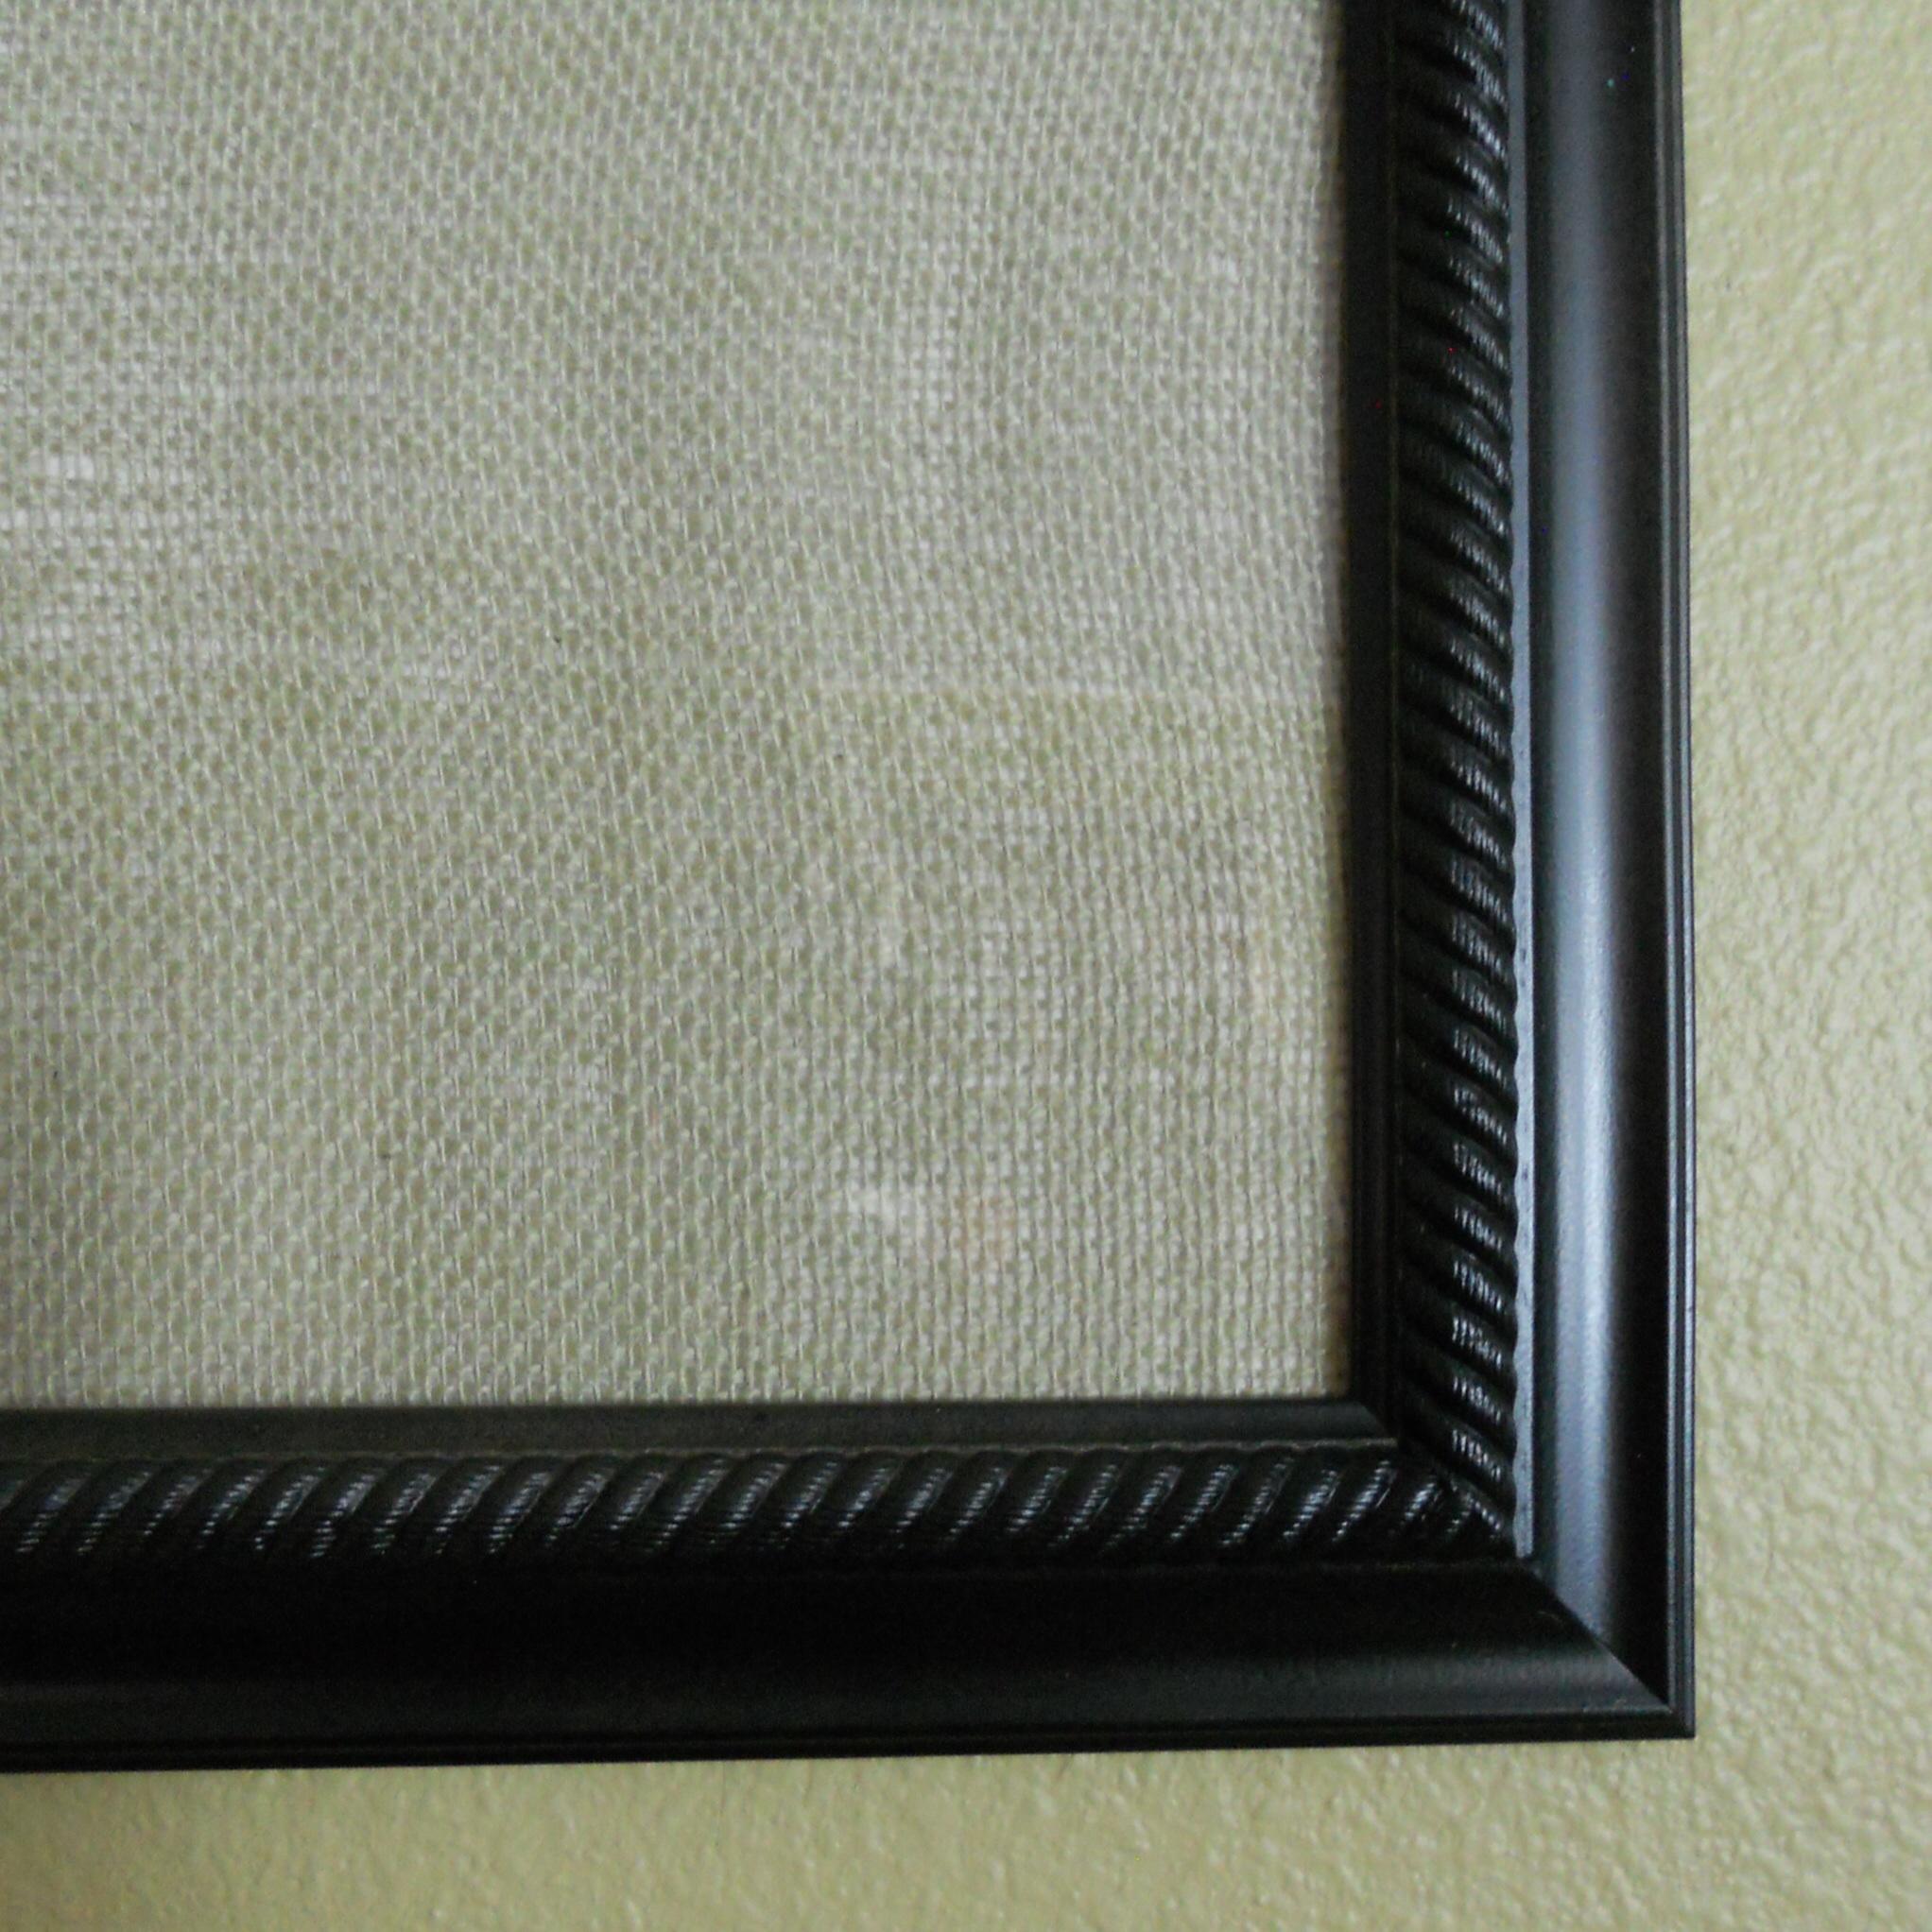 Framed Dry Erase Board Black Framed Dry Erase Board With Burlap Background And Paper